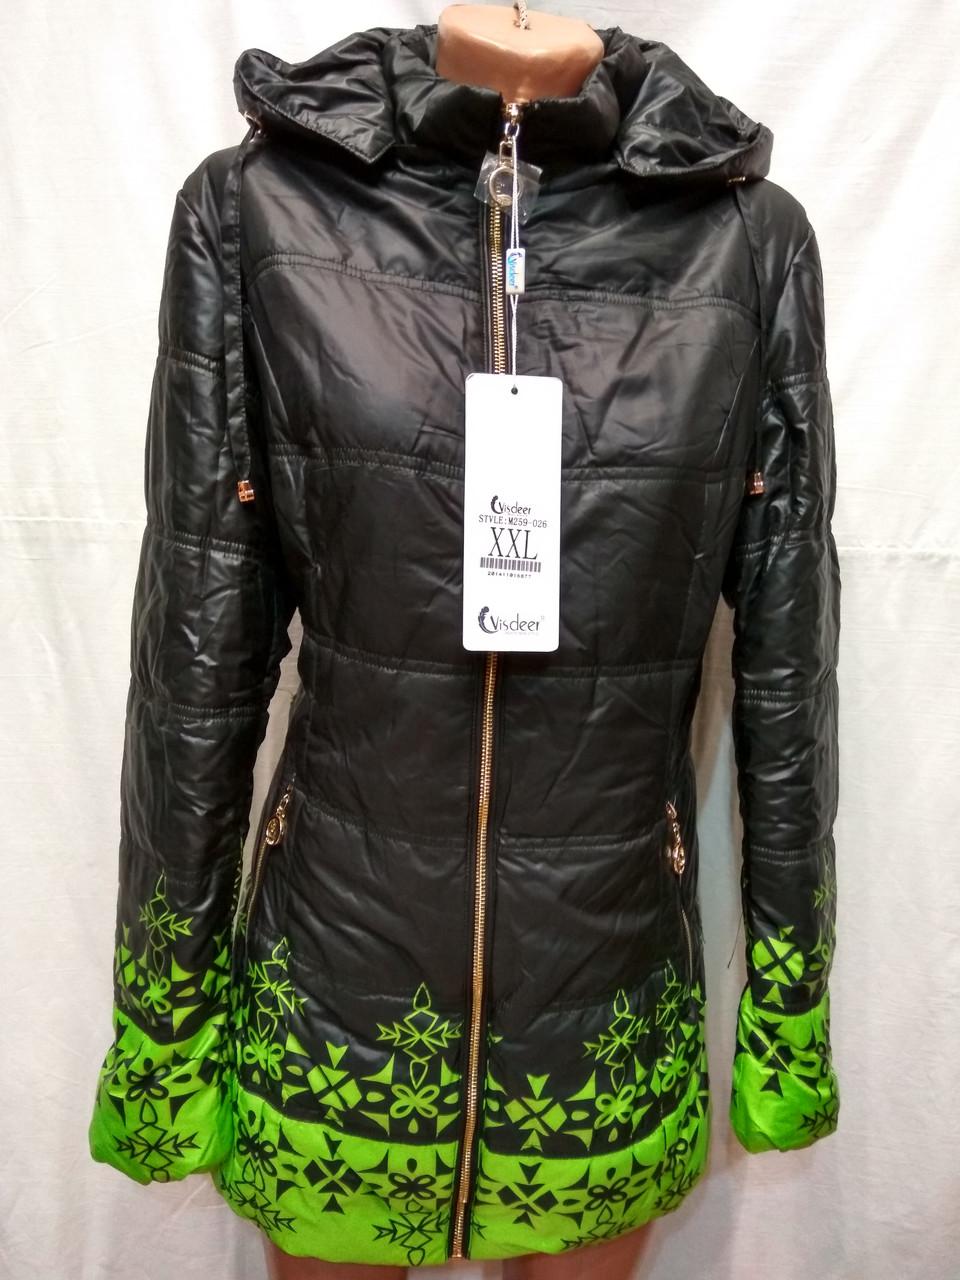 Куртка удлиненная весна-осень VISDER ,(модель 259)